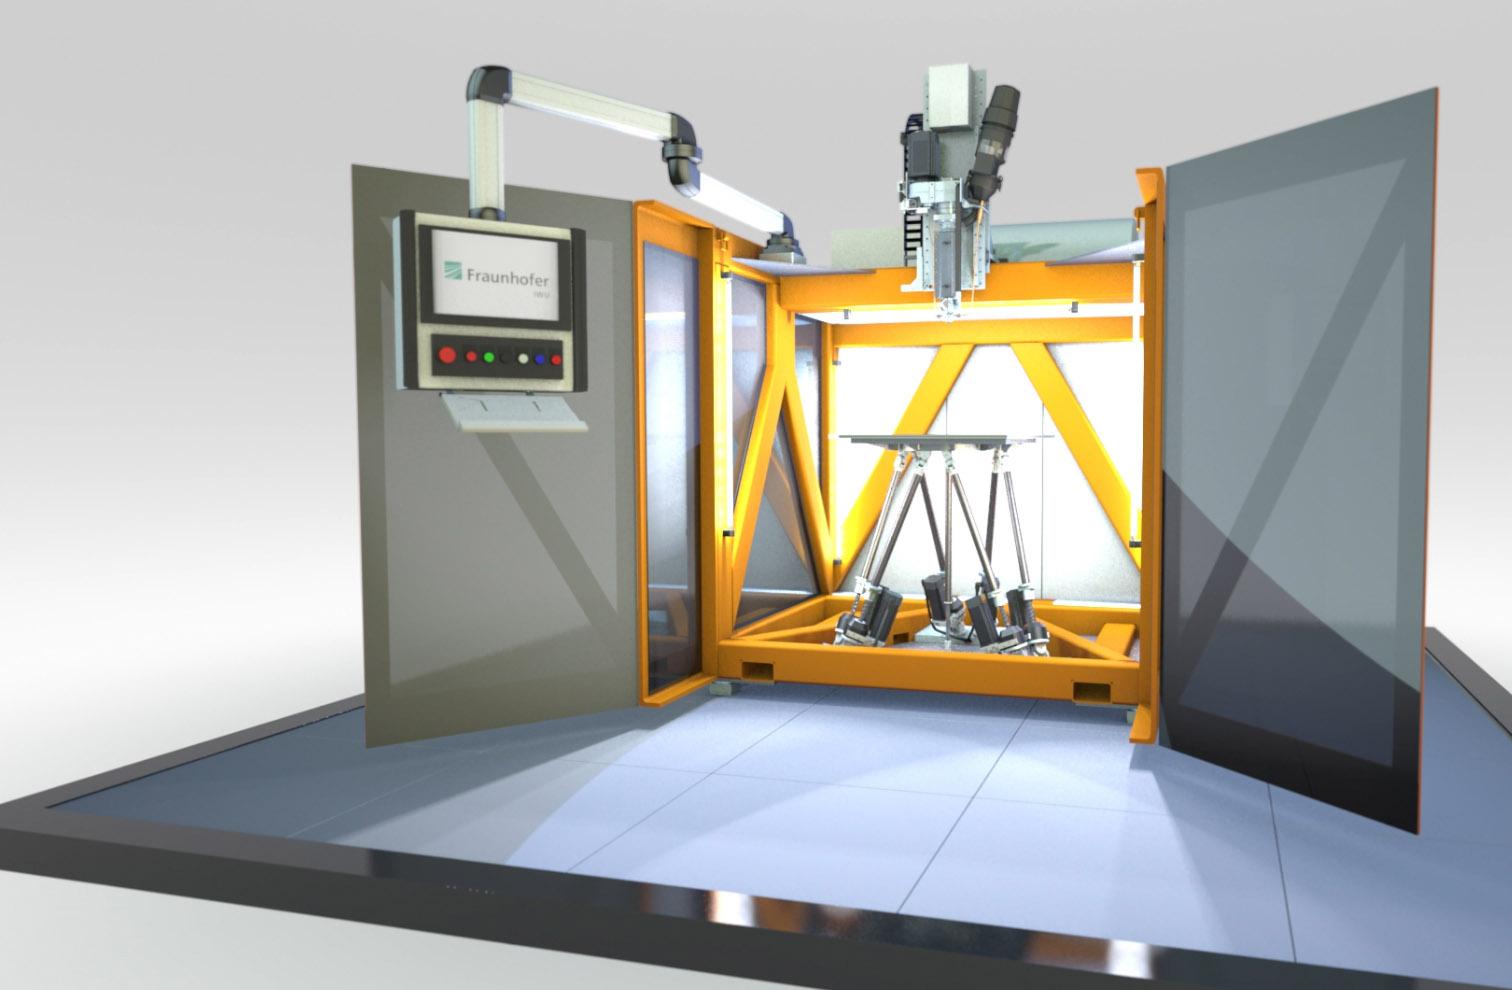 The SEAM 3D printer. Image via Fraunhofer IWU.